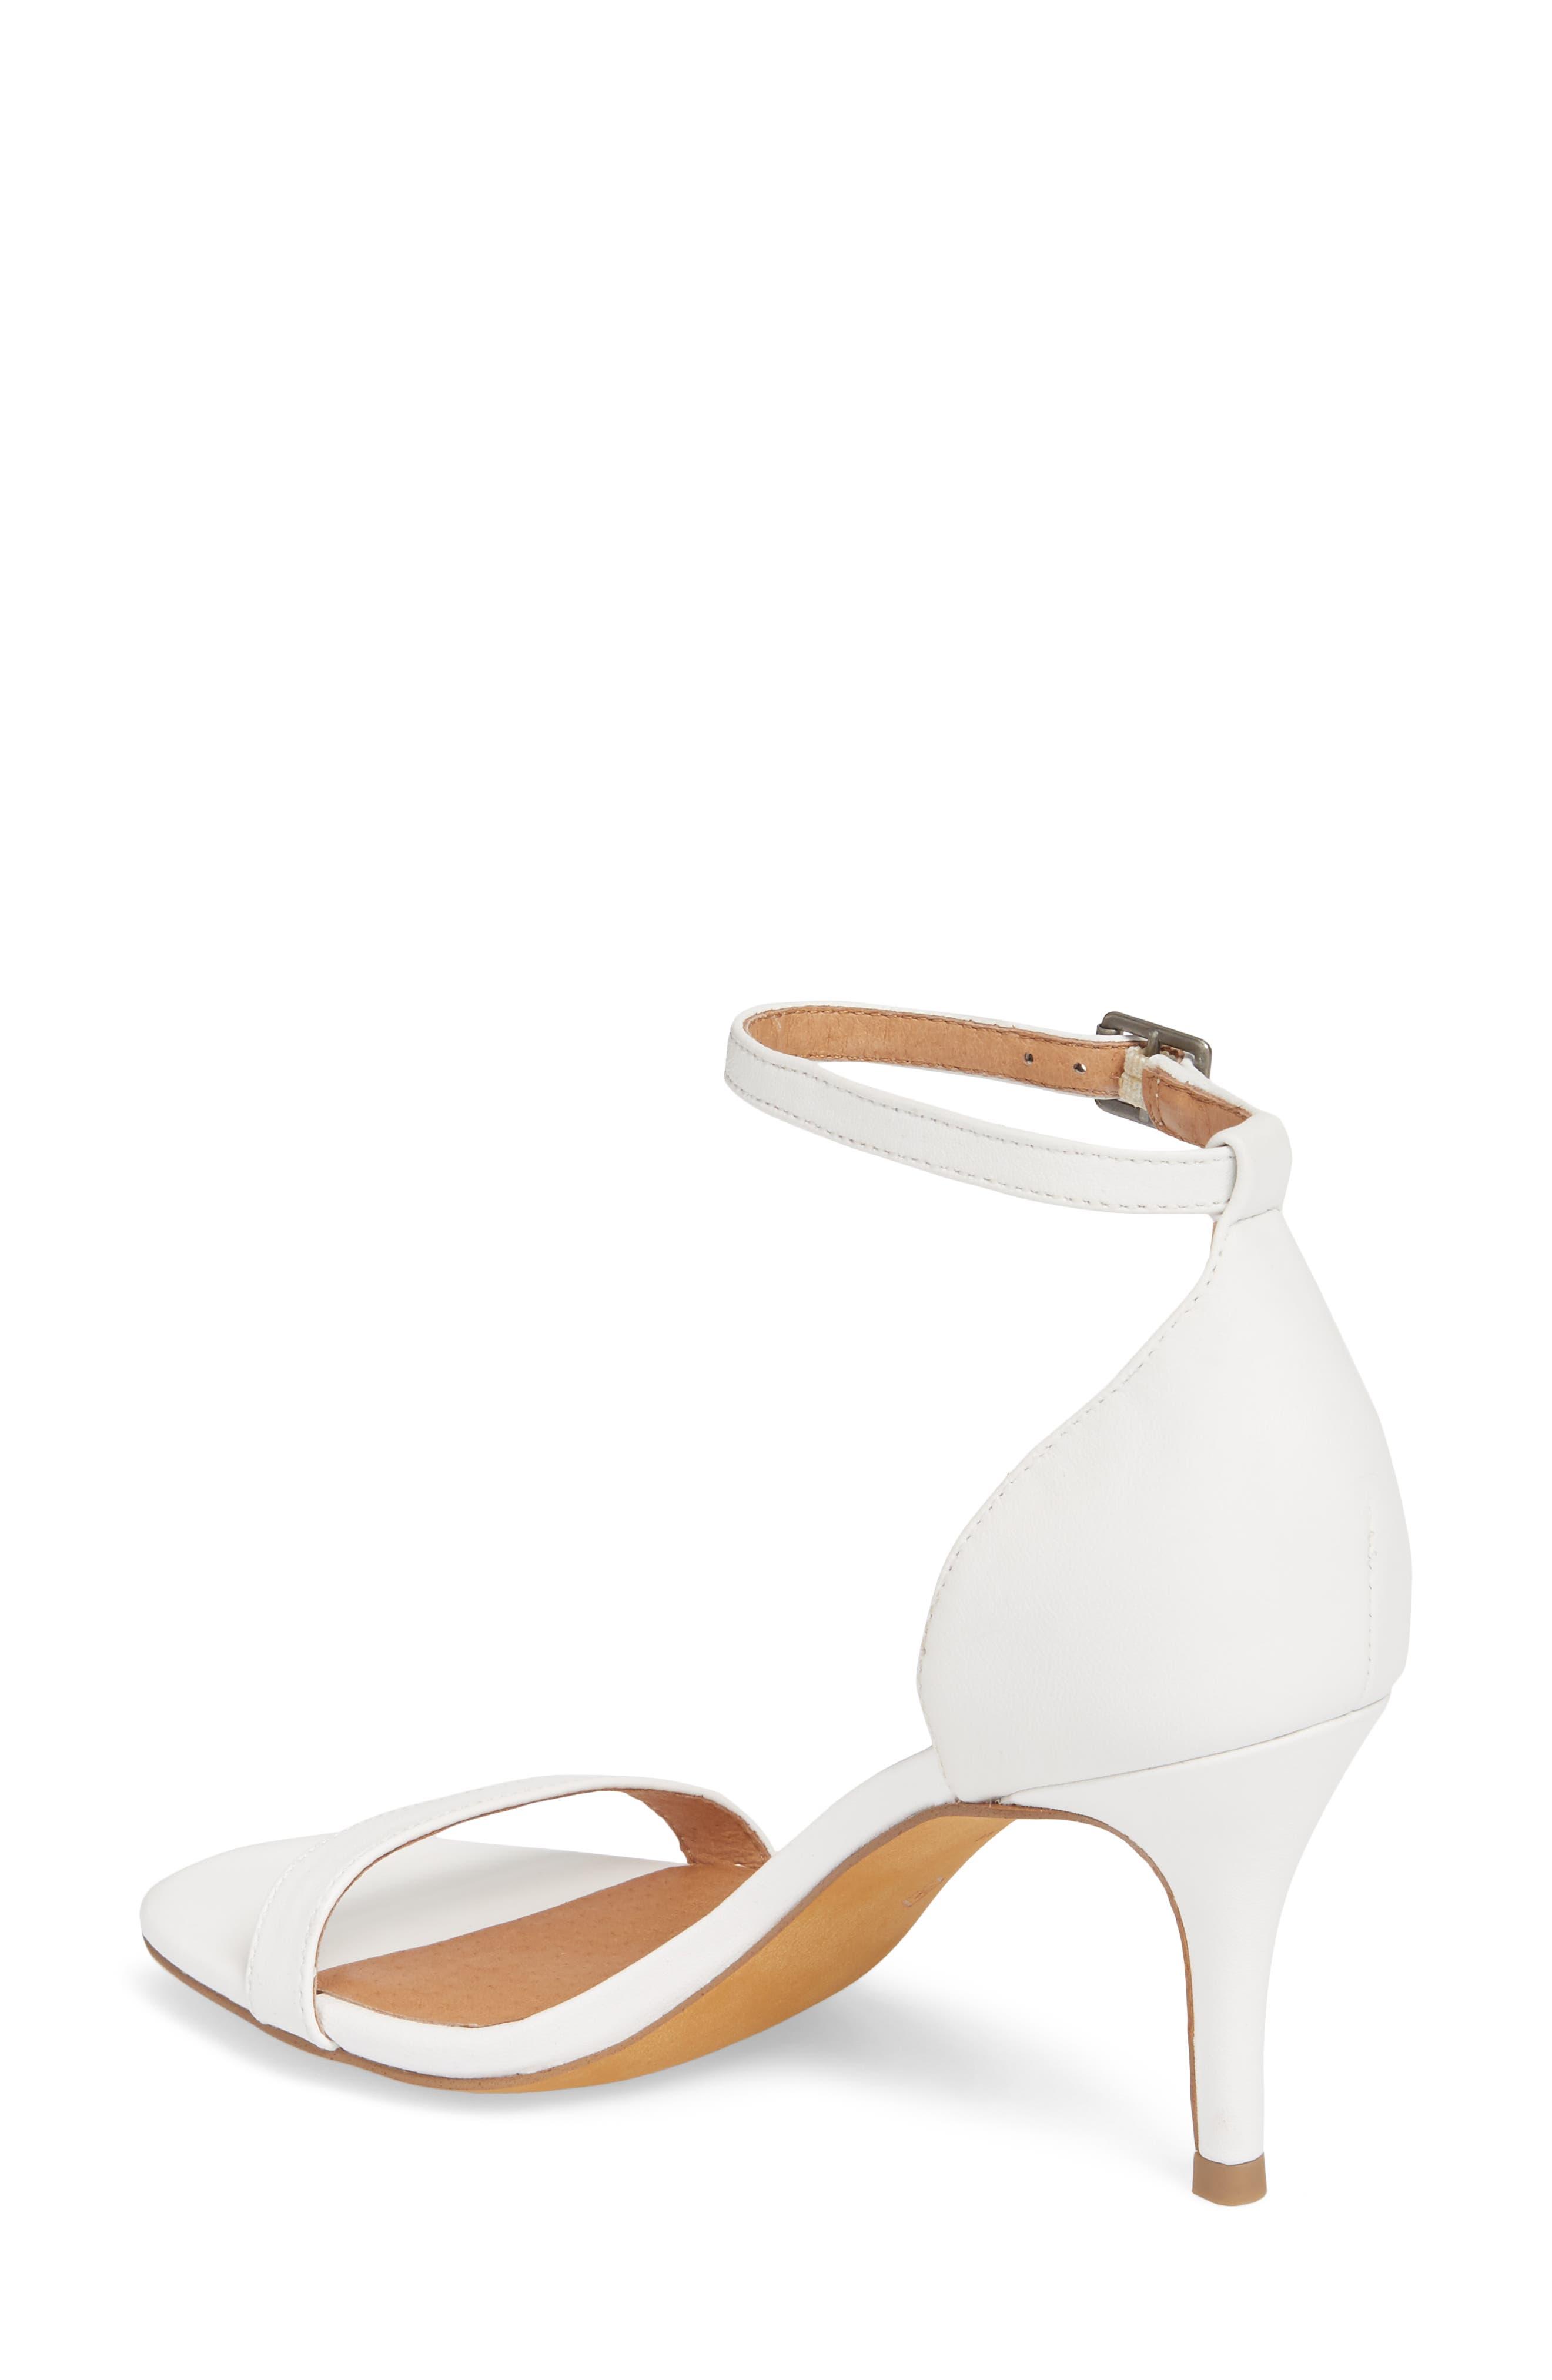 Audrey Ankle Strap Sandal,                             Alternate thumbnail 28, color,